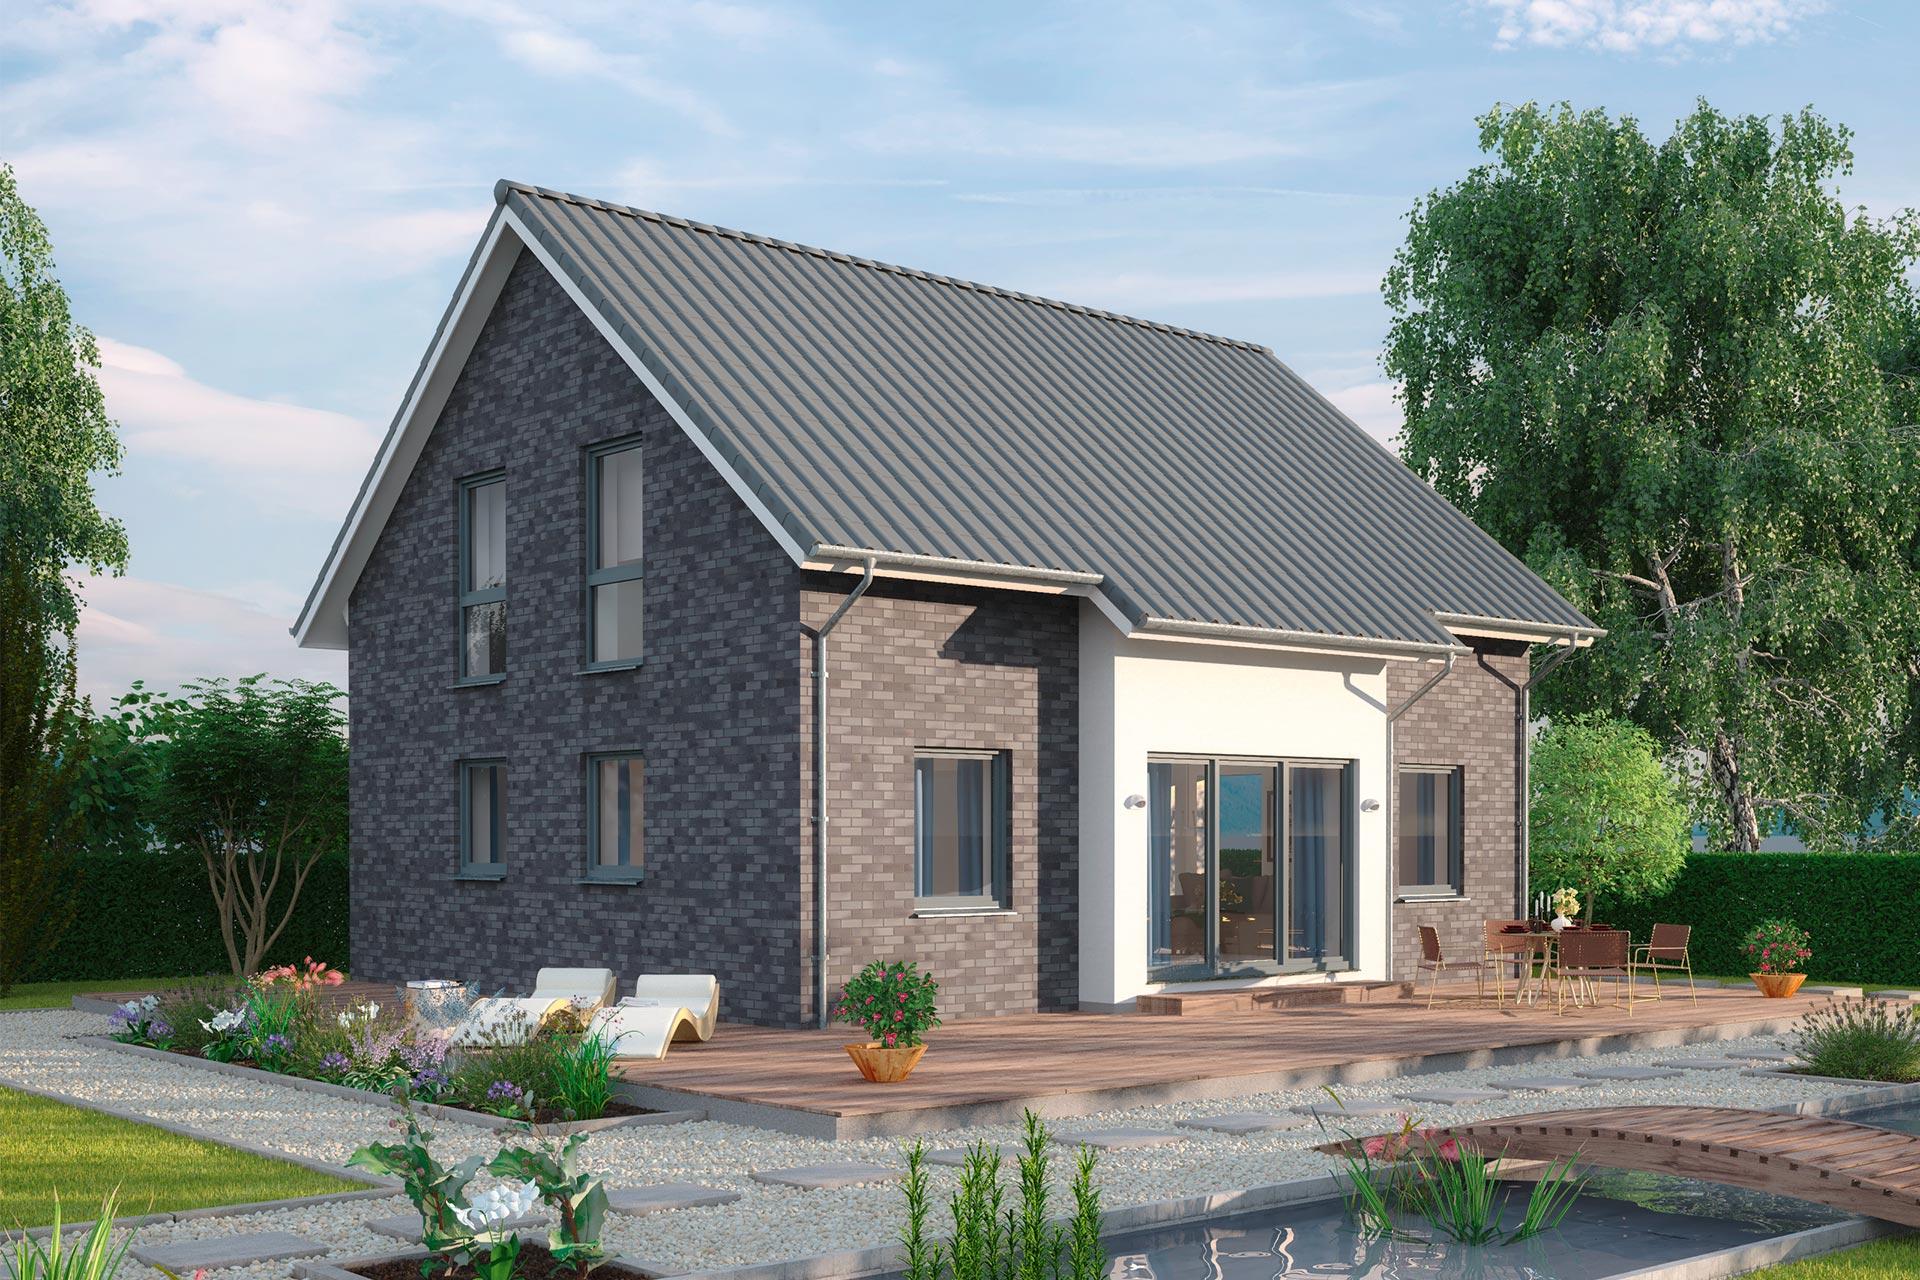 Einfamilienhaus guenstig bauen - Ulmenallee V1 - offener ...